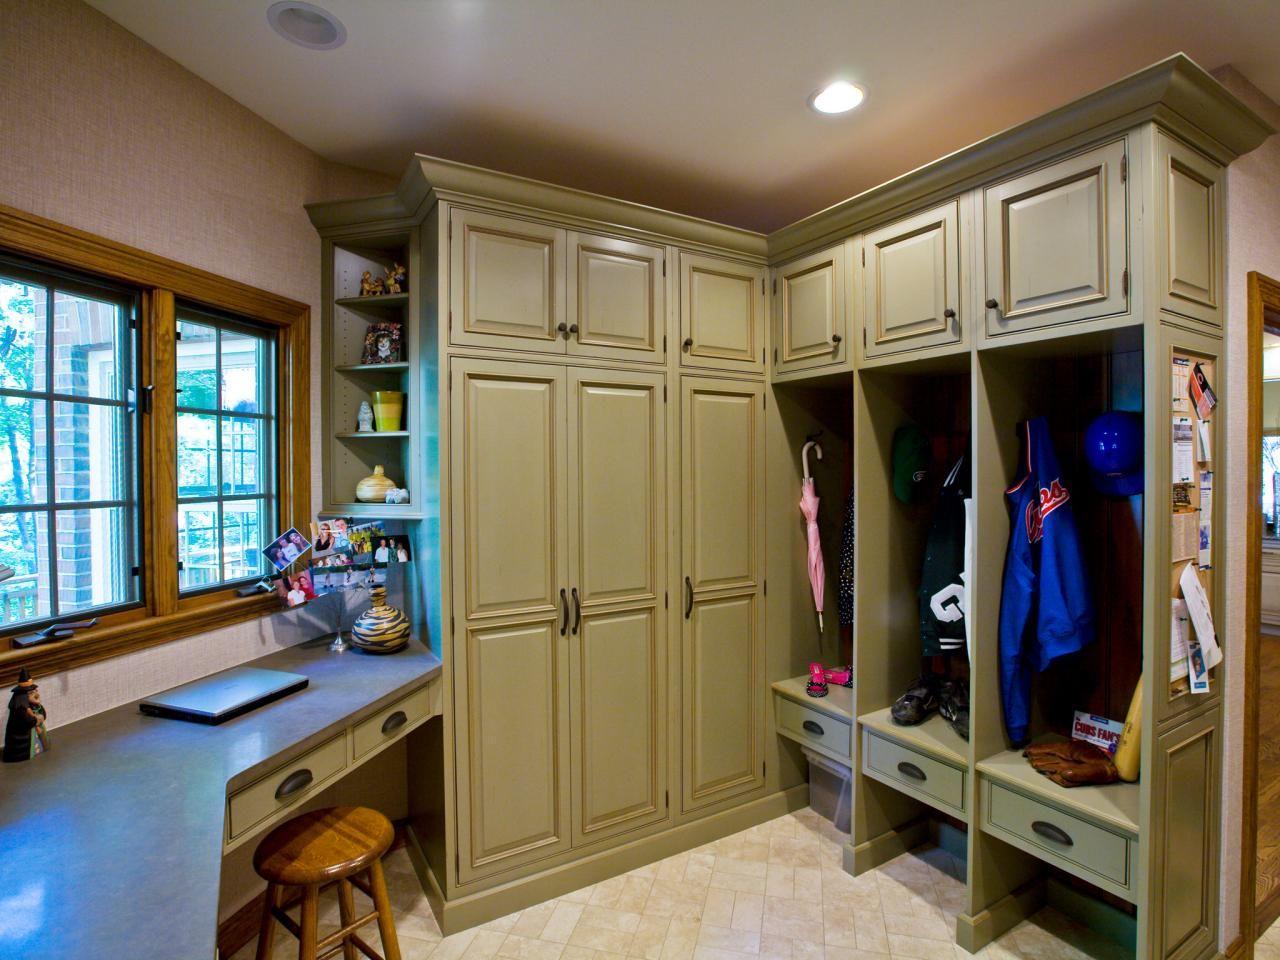 Best Mud Room Design Ideas Ideas - House Design Ideas - coldcoast.us